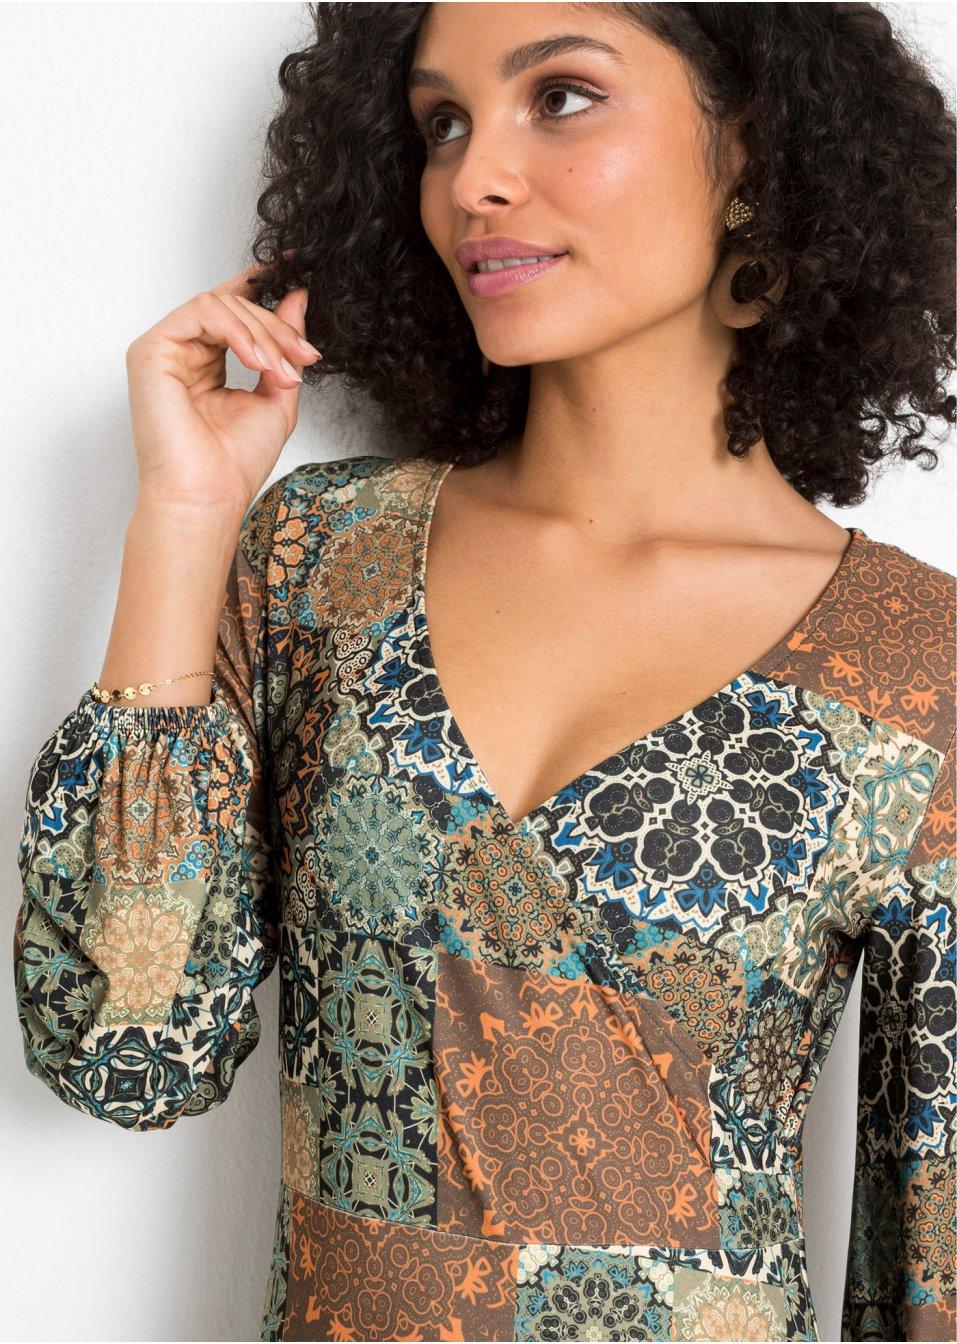 Mode Femme Vêtements DJLfdOFlkj Robe élégante à imprimé captivant olive/orange paisley